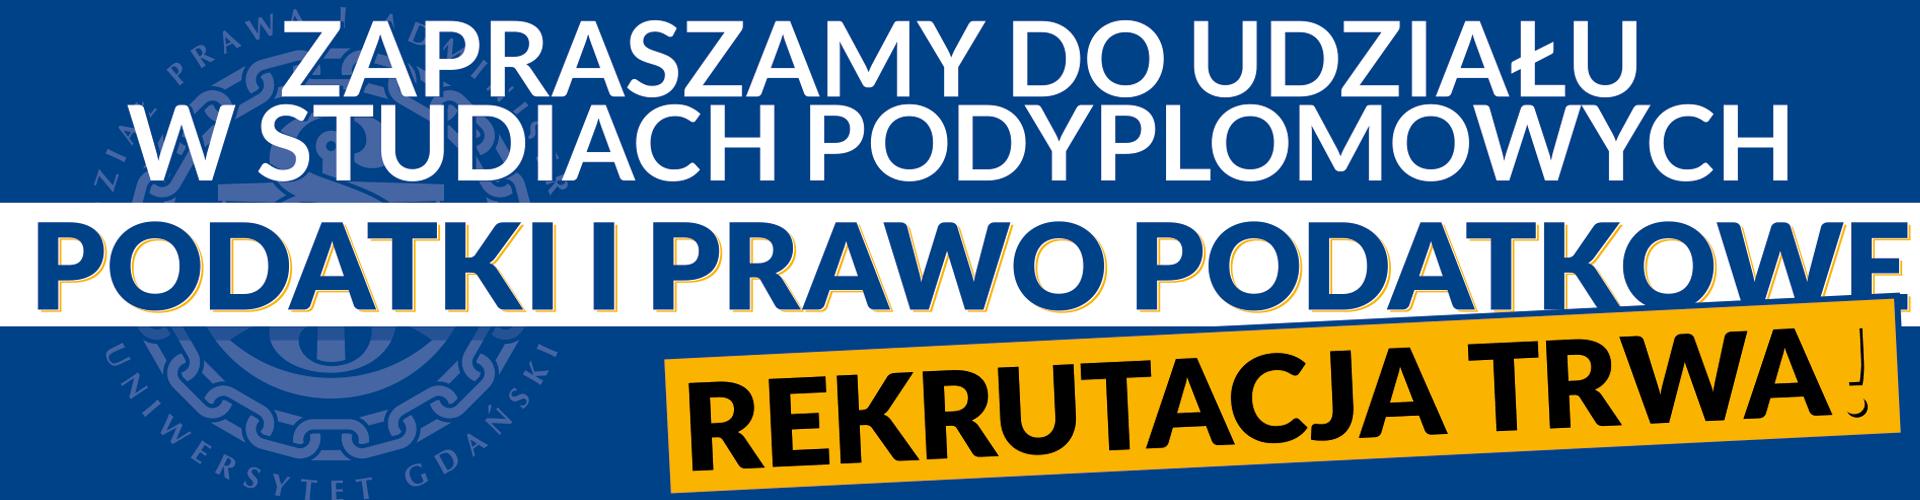 Studia Podyplomowe Podatki i Prawo Podatkowe. Rekrutacja